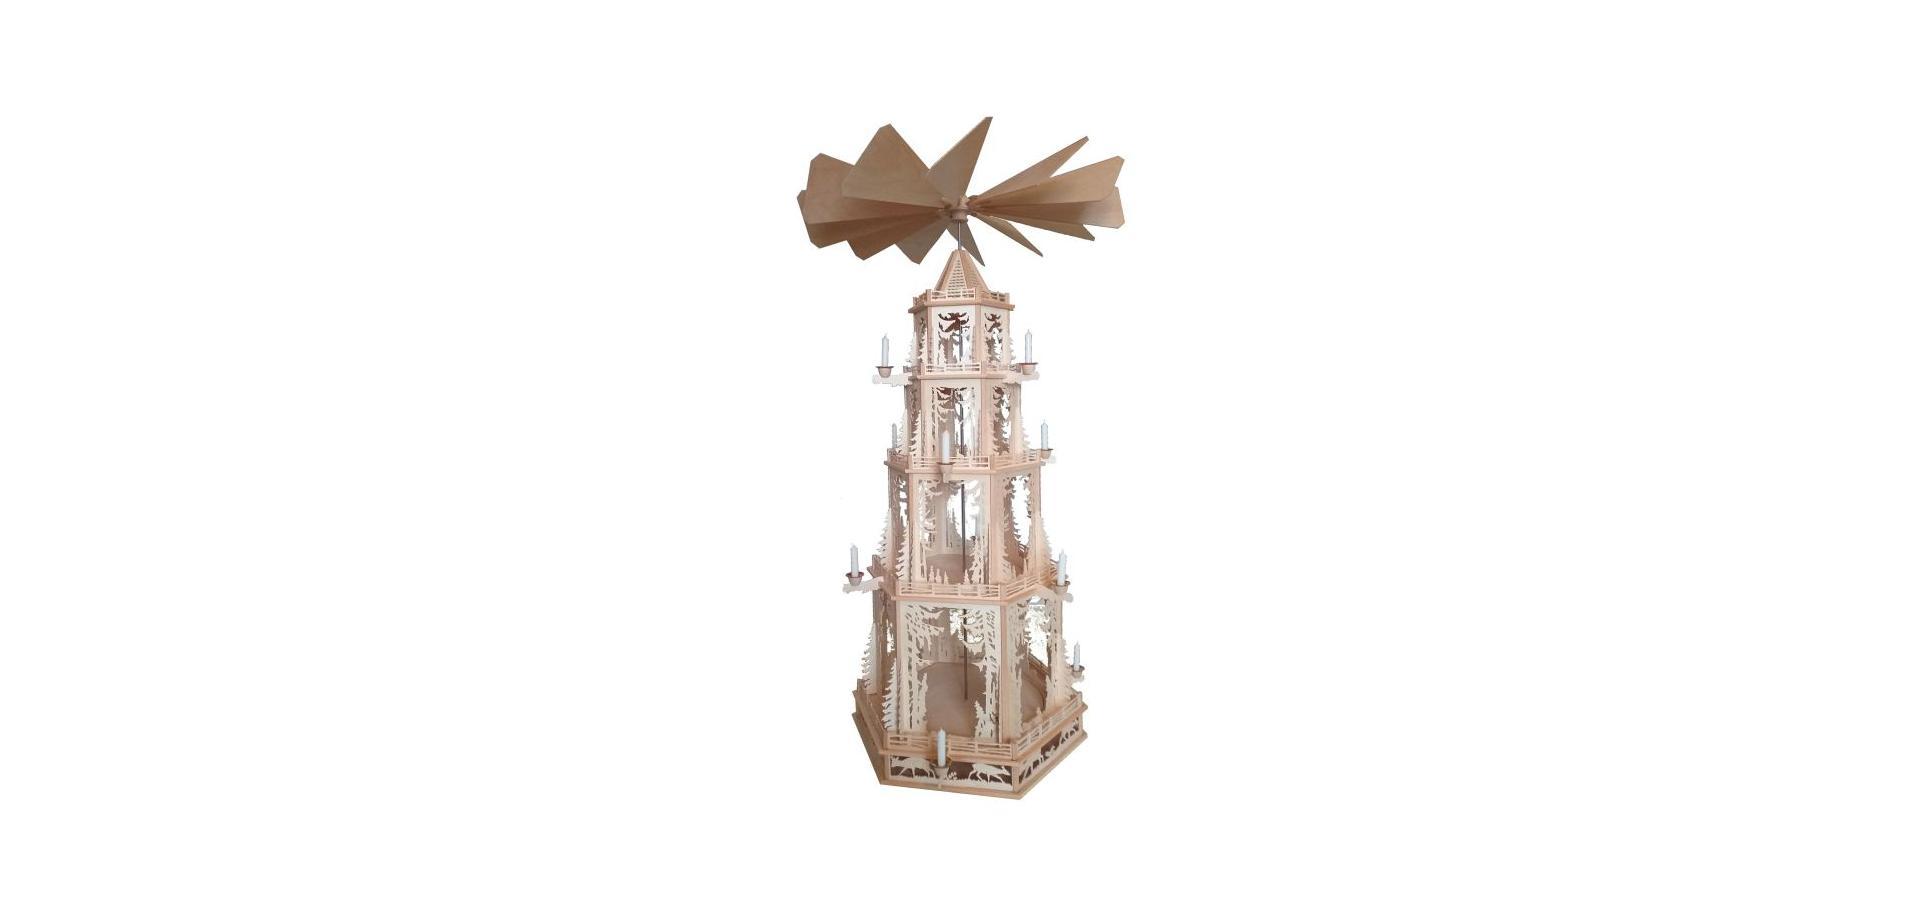 Weihnachten, Pyramiden, Festartikel, Erzgebirge, Holzkunstatelier